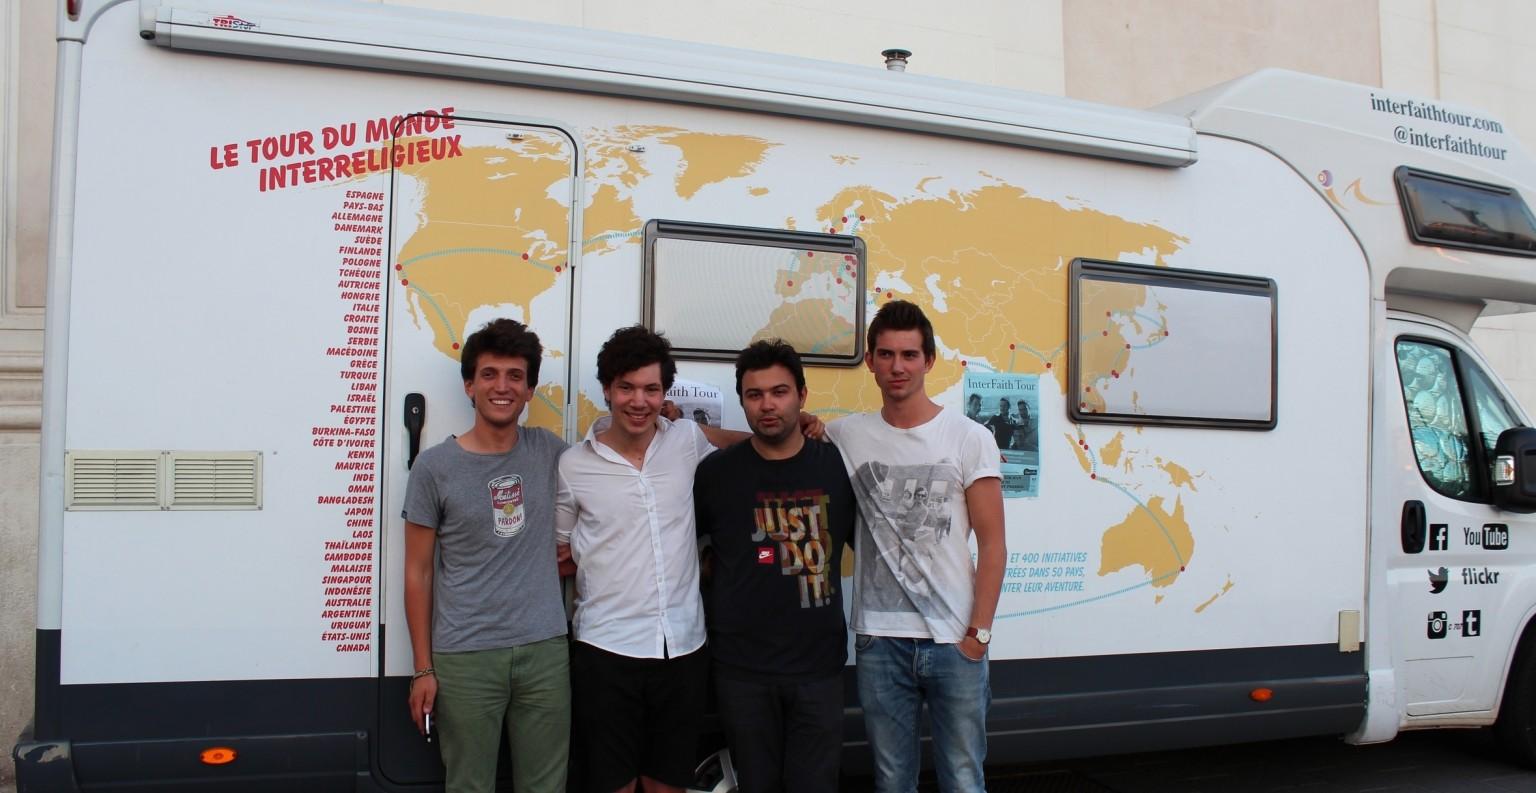 Samuel, Ismaël, Victor et Josselin au cours de leur passage à Marseille, en l'église Saint-Ferreol, le 19 juin 2014. ©AL